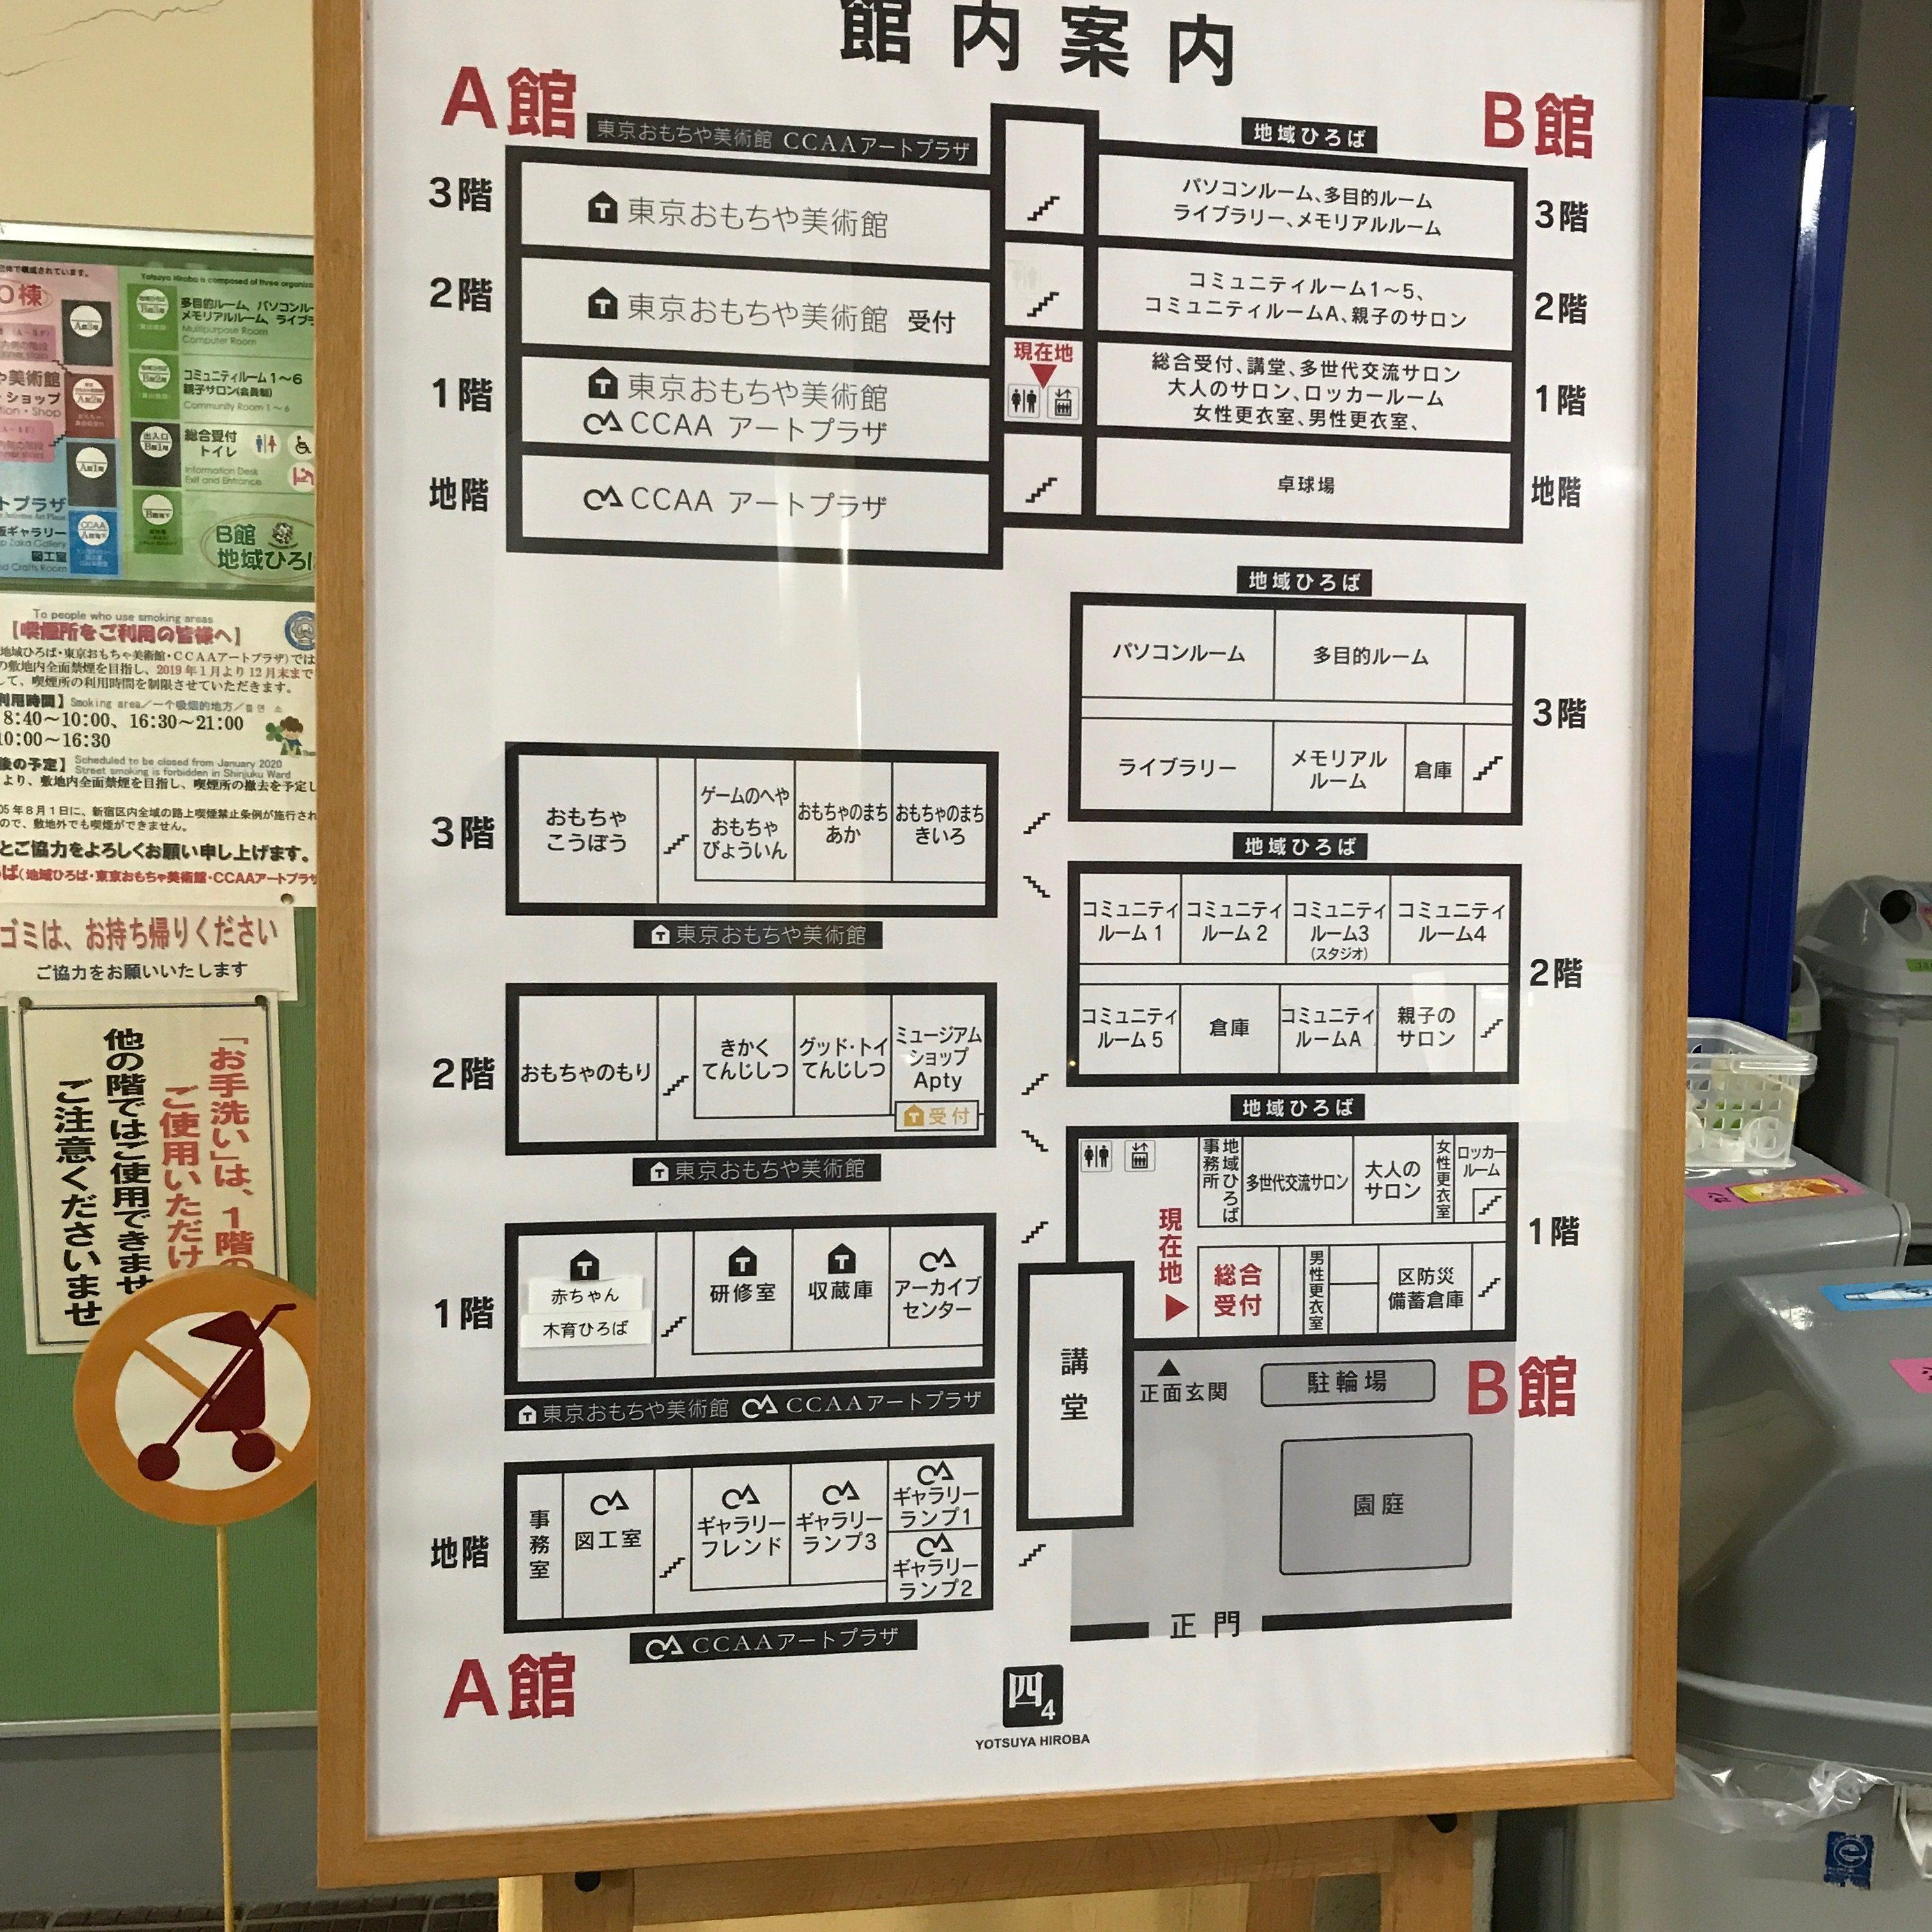 「五行歌25年〜言葉でひらく未来 巡回展」東京会場決定!